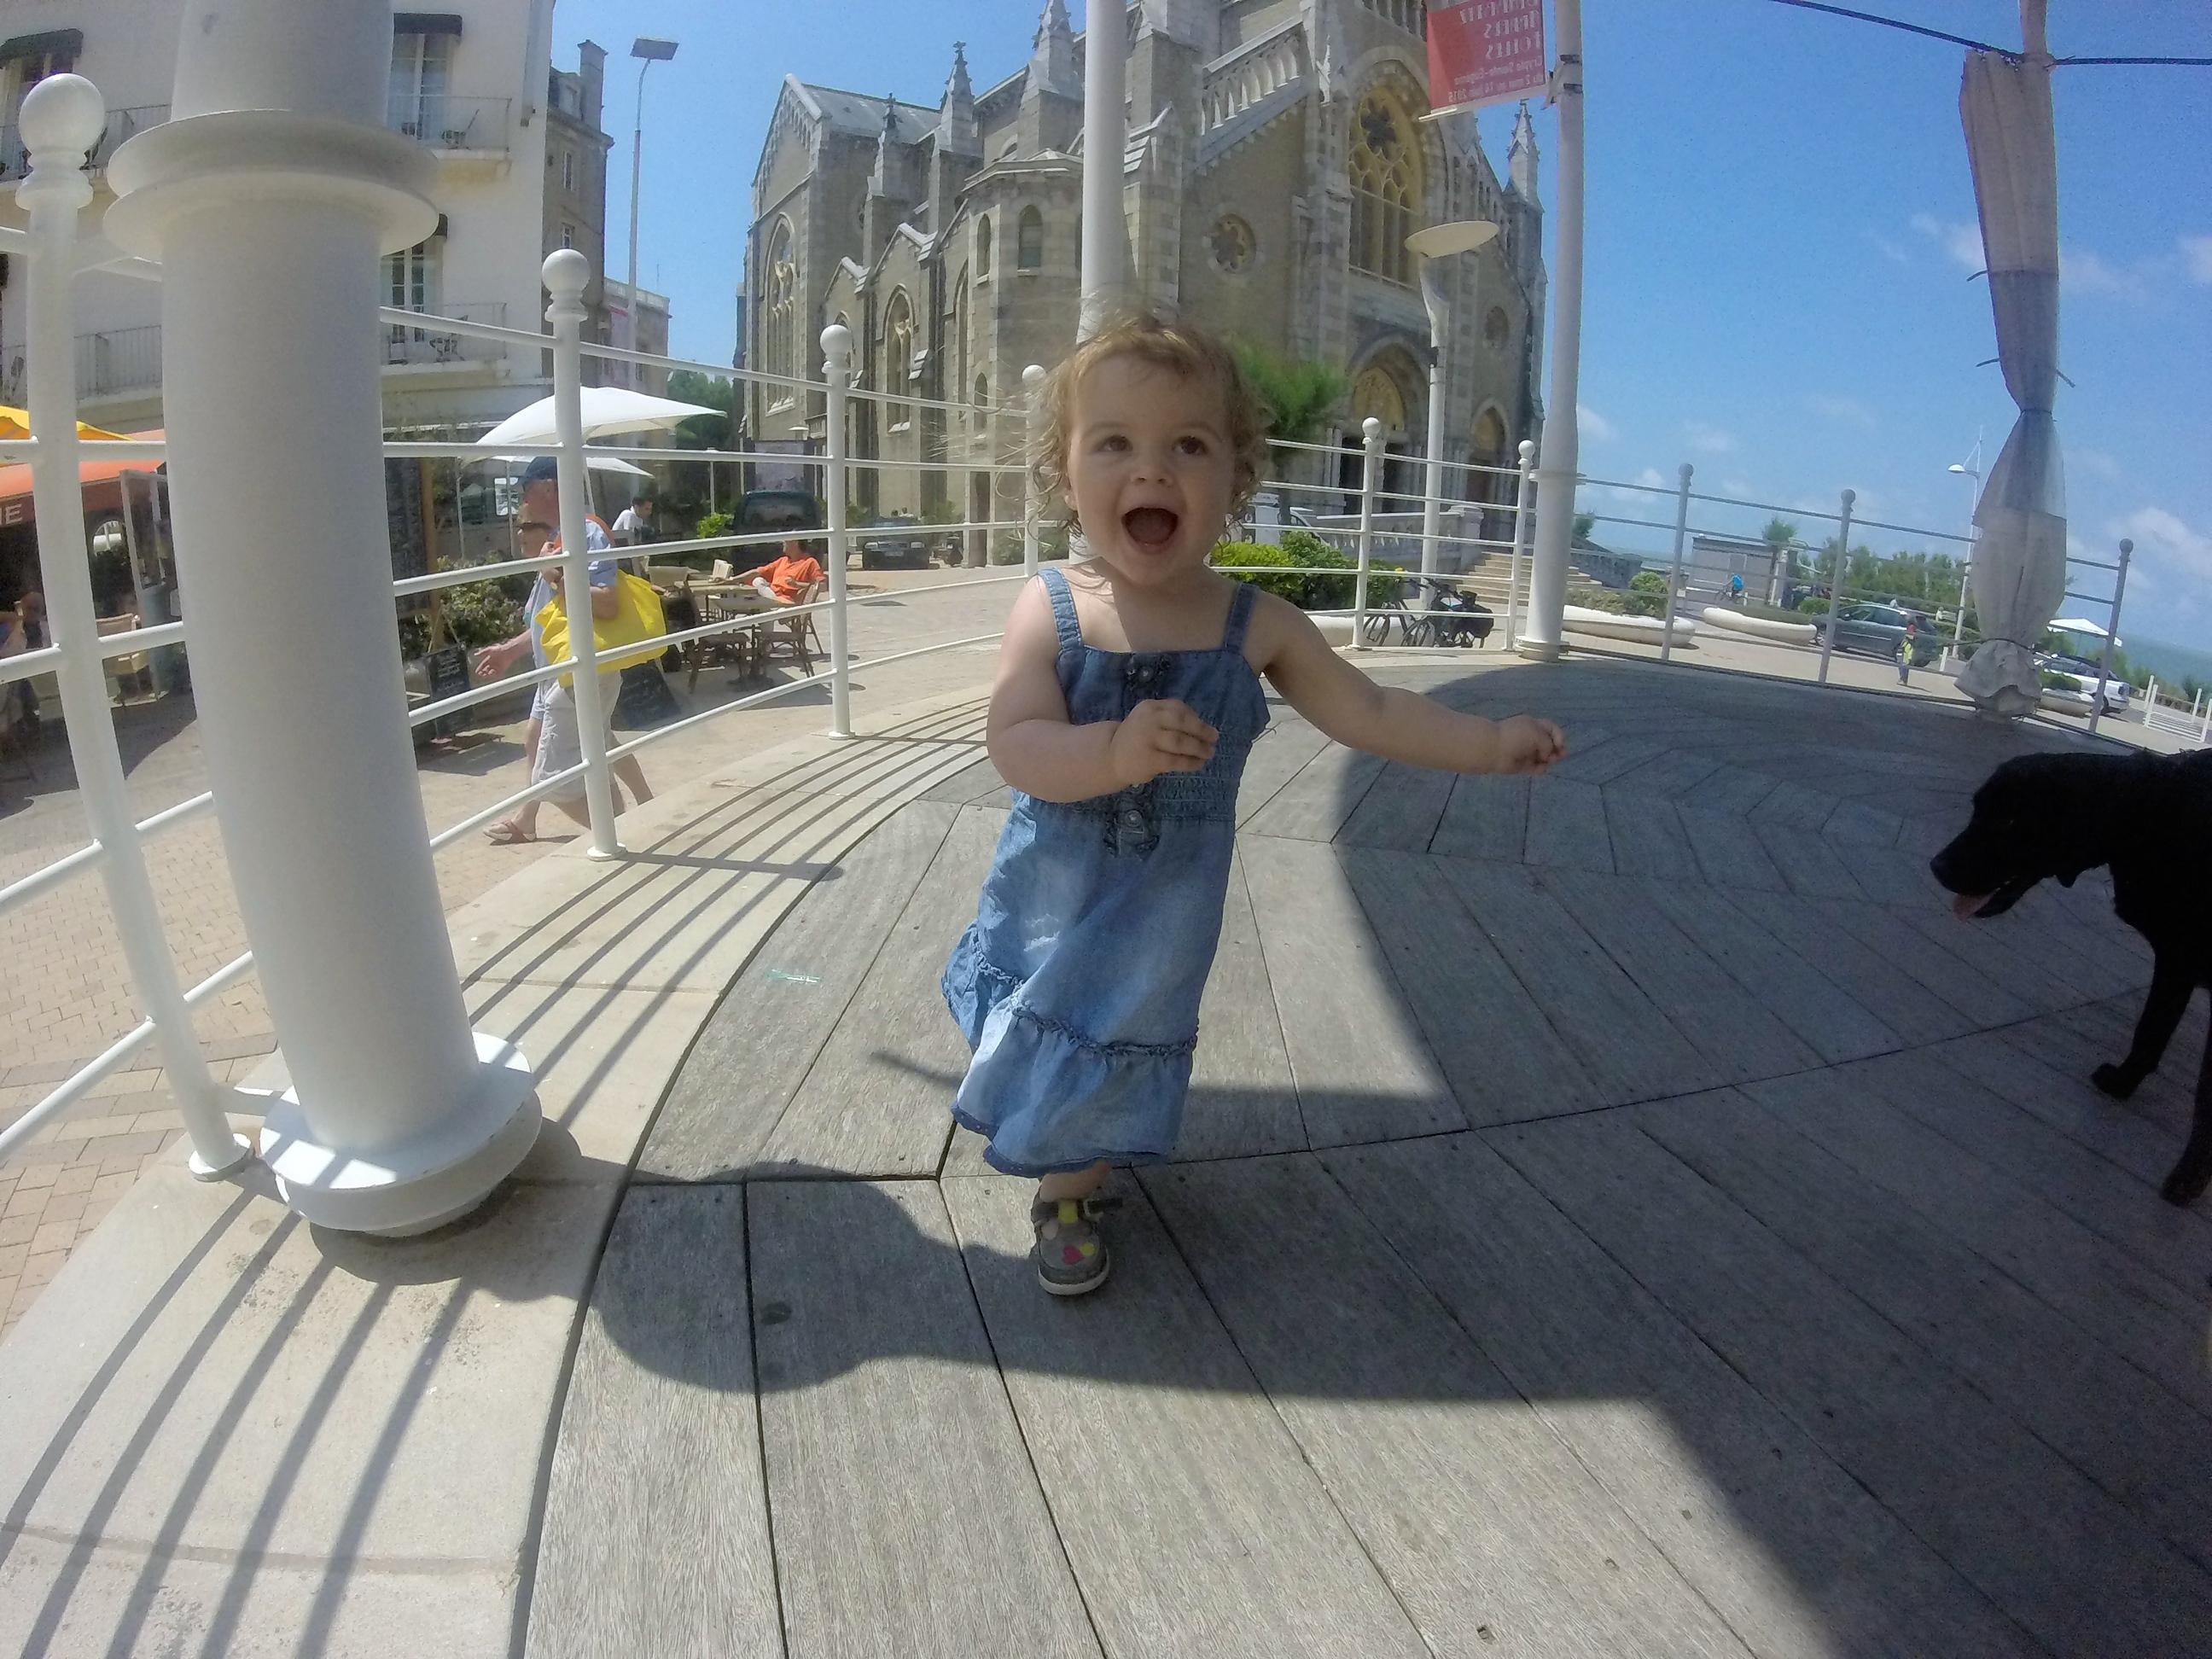 Biarritz bandstand, France